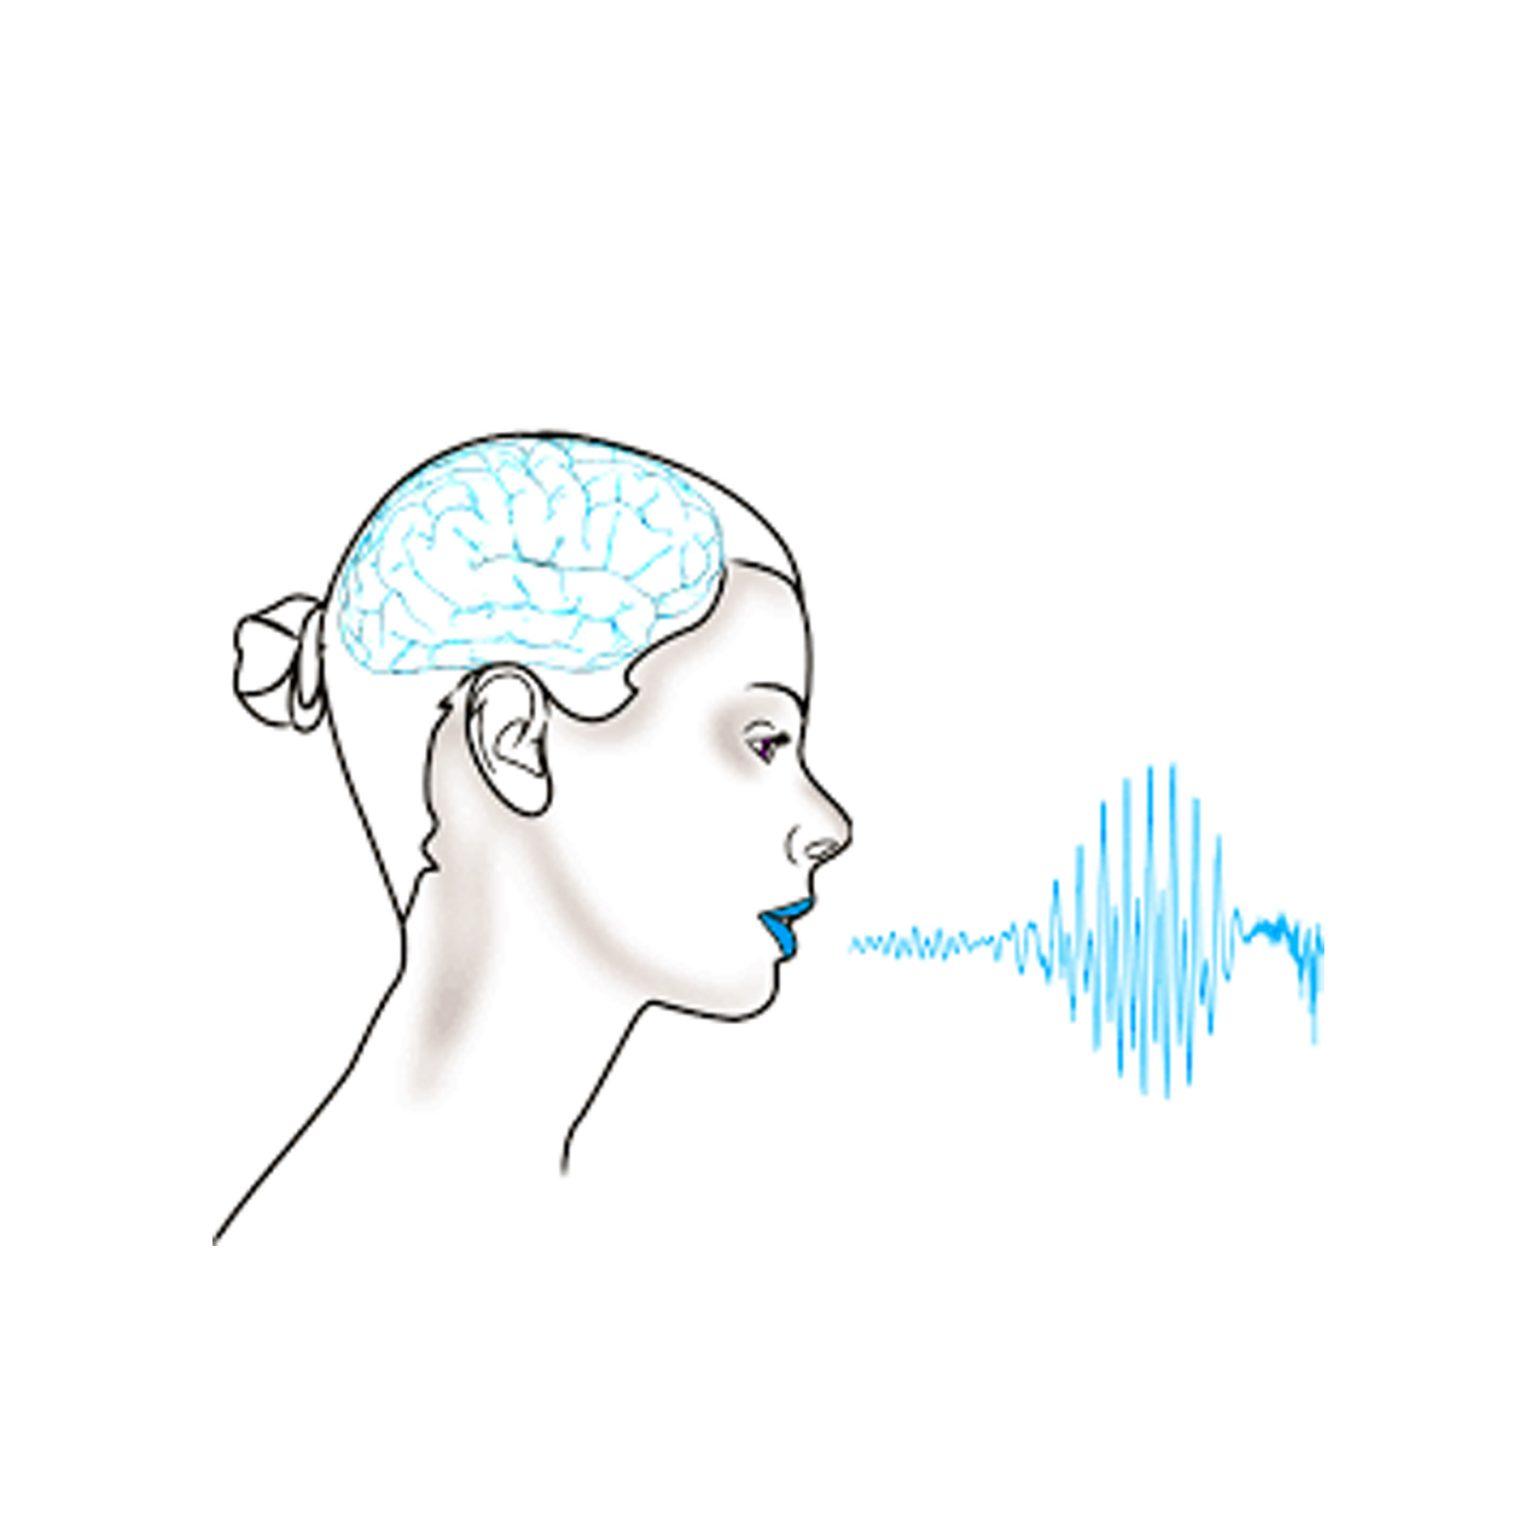 SpeechPathology